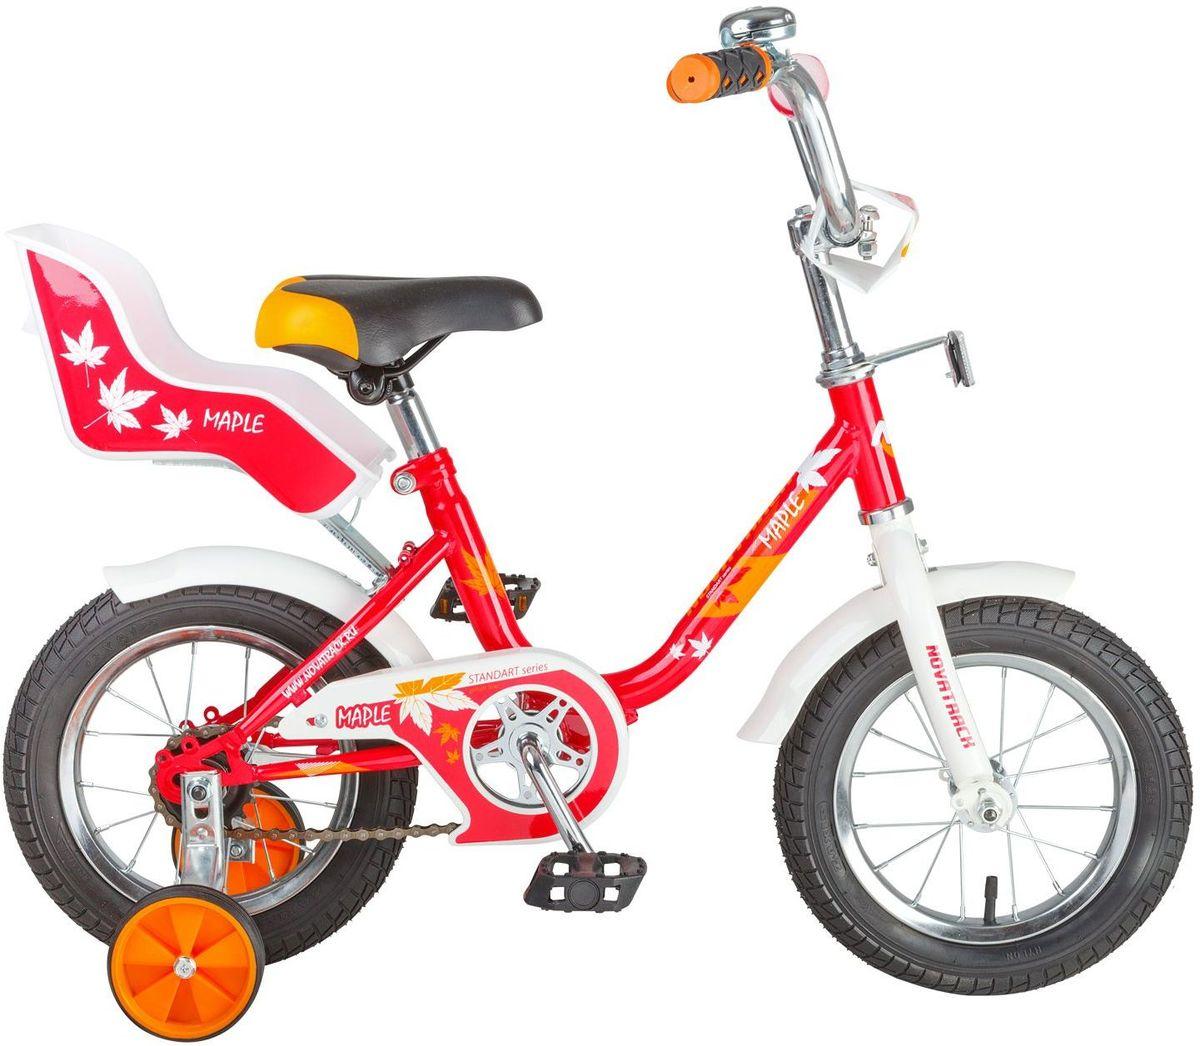 Велосипед детский Novatrack Maple, цвет: красный, 12MHDR2G/ANovatrack Maple 12'' – это надежный велосипед для девочек 2-4 лет, на котором очень легко начинать обучение езеде на велосипеде, и который обязательно станет предметом гордости маленькой леди. Регулируемые сидение и руль легко адаптируются под рост ребенка. Маленькие дополнительные колеса снимаются. Отличительная особенность этого велосипеда – это сидение для куклы, ведь как можно не взять с собой подругу на велопрогулку? Велосипед оснащен ножным тормозом, которым ребеноку легко пользоваться, защитой цепи, которая убережет нижнюю часть одежды от попадания в механизм. Велосипед оборудован ограничителем поворота руля, который не позволит вывернуть руль на слишком большой градус, тем самым обезопасит ребенка от опрокидывания.